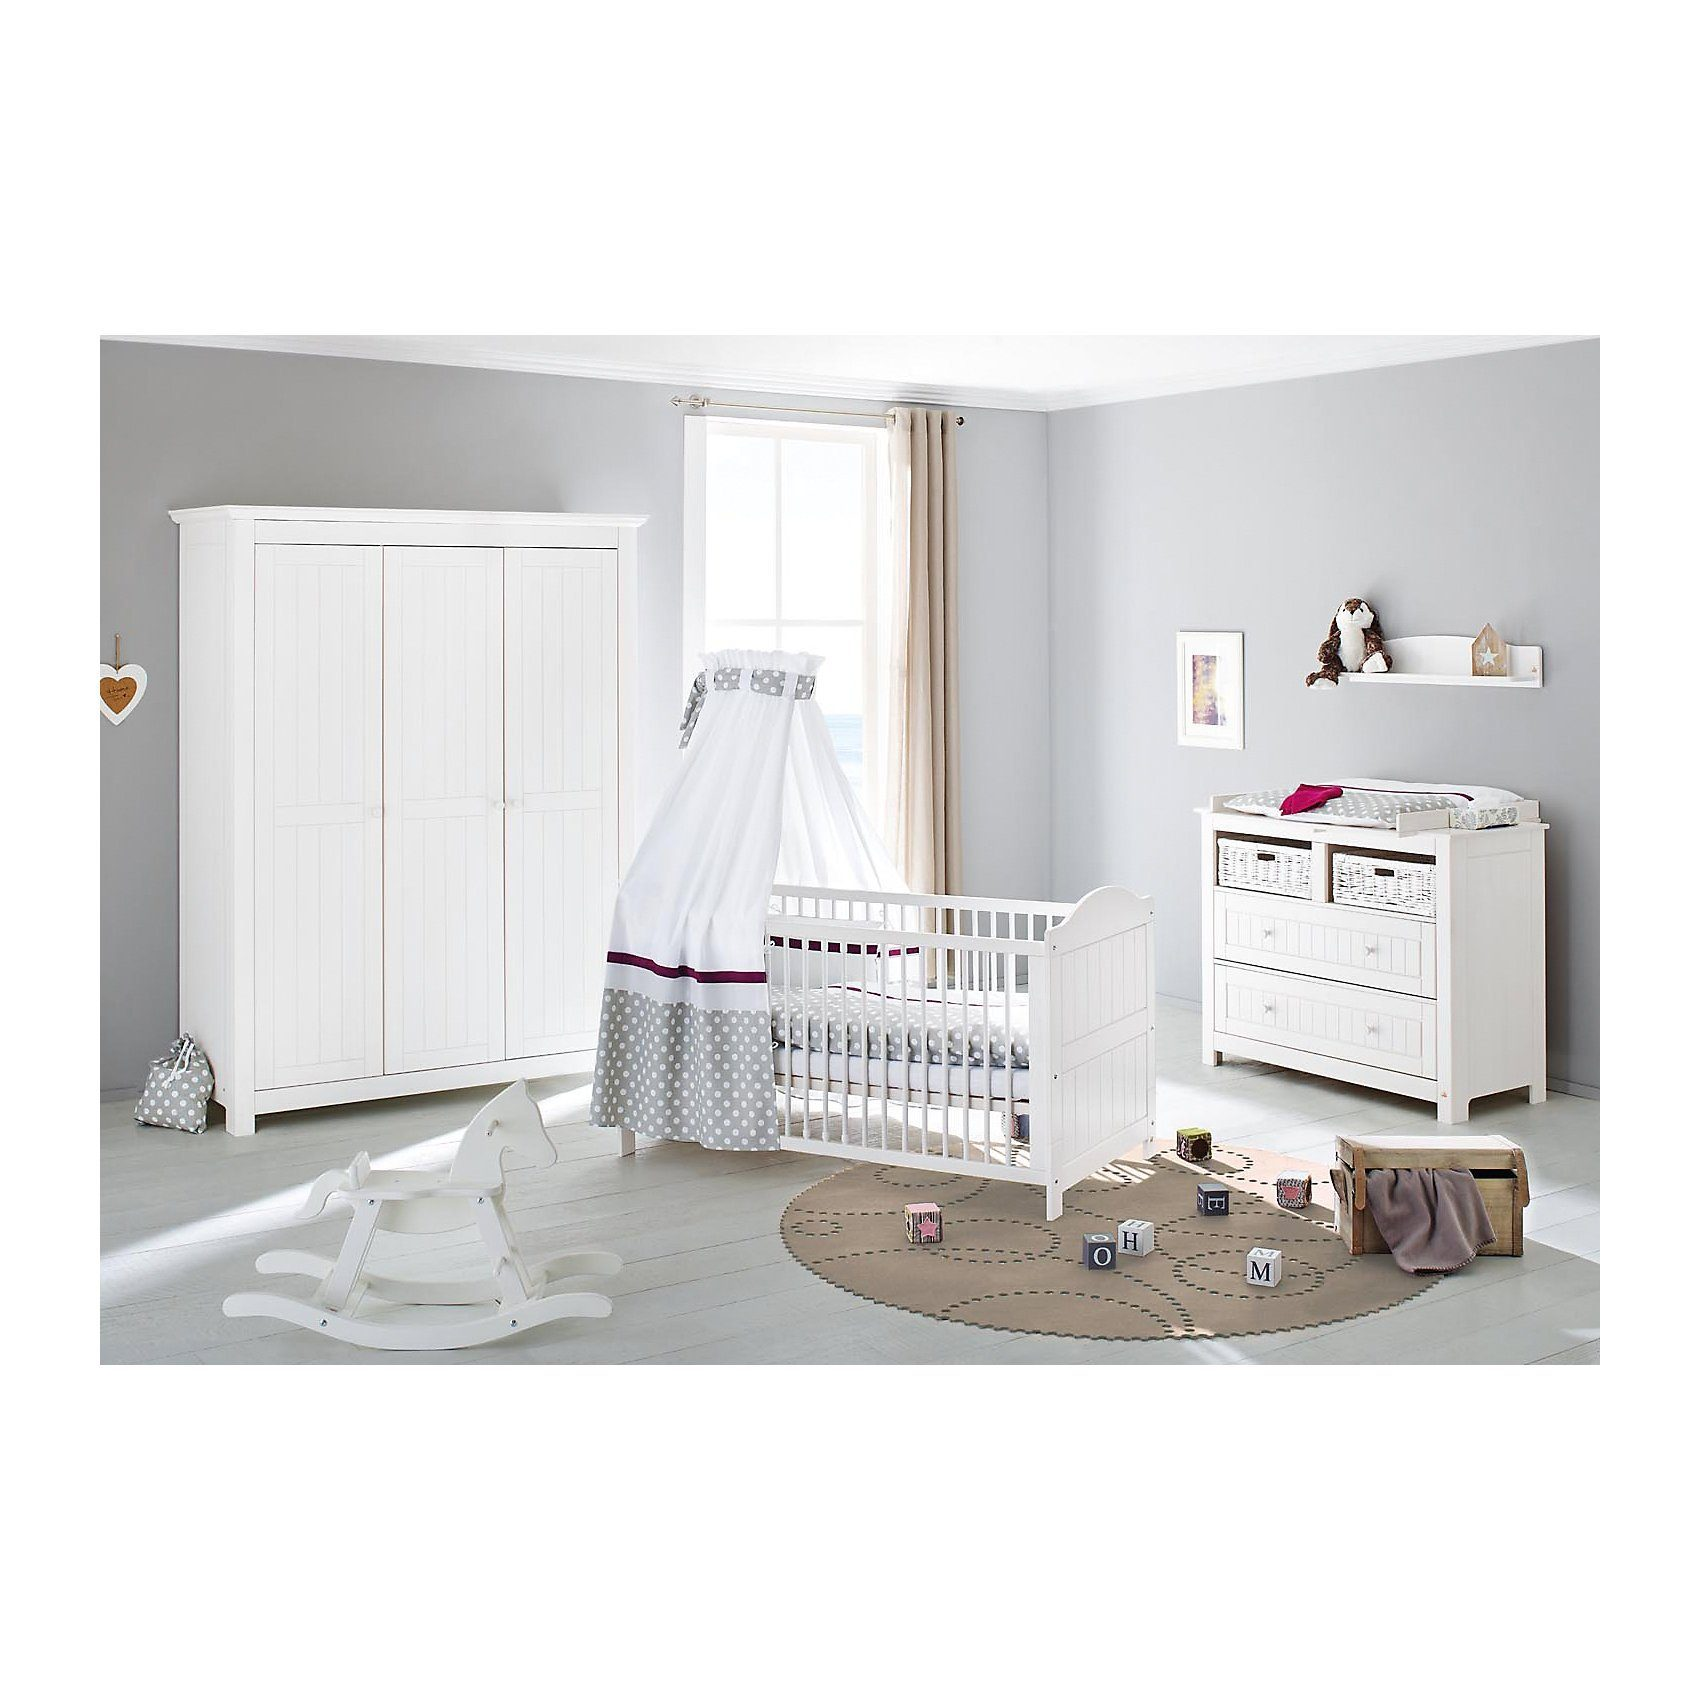 Pinolino Komplett Kinderzimmer NINA groß/extrabreit, 3-tlg., Fichte w